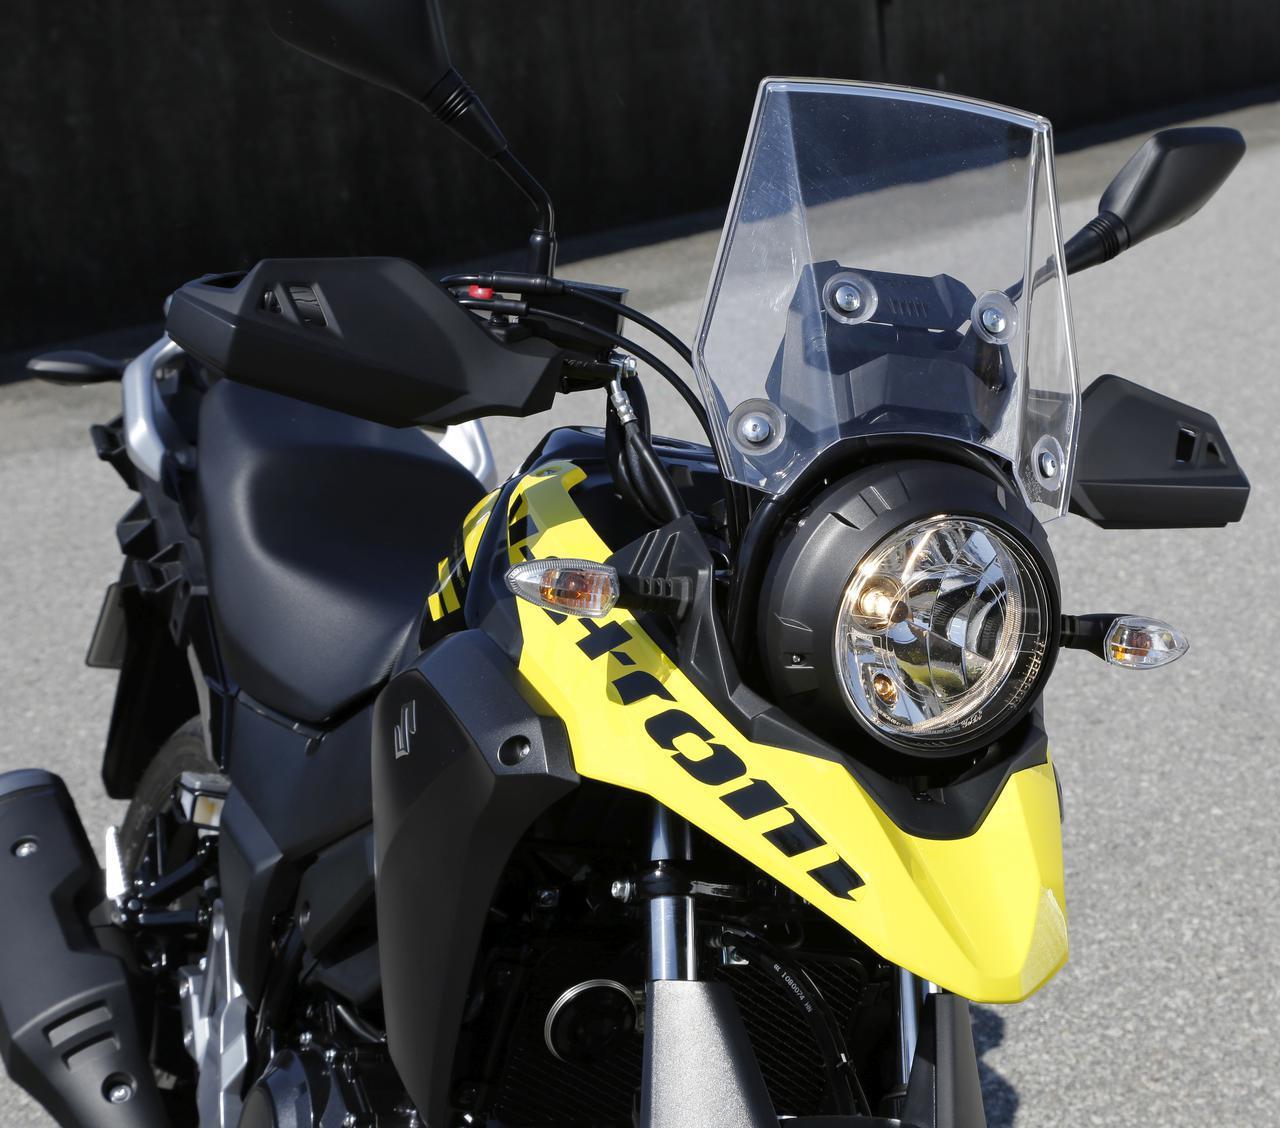 画像: スズキ「Vストローム250 ABS」500km試乗インプレ/驚くべき実燃費と航続可能距離が明らかに!【現行車再検証】 - webオートバイ